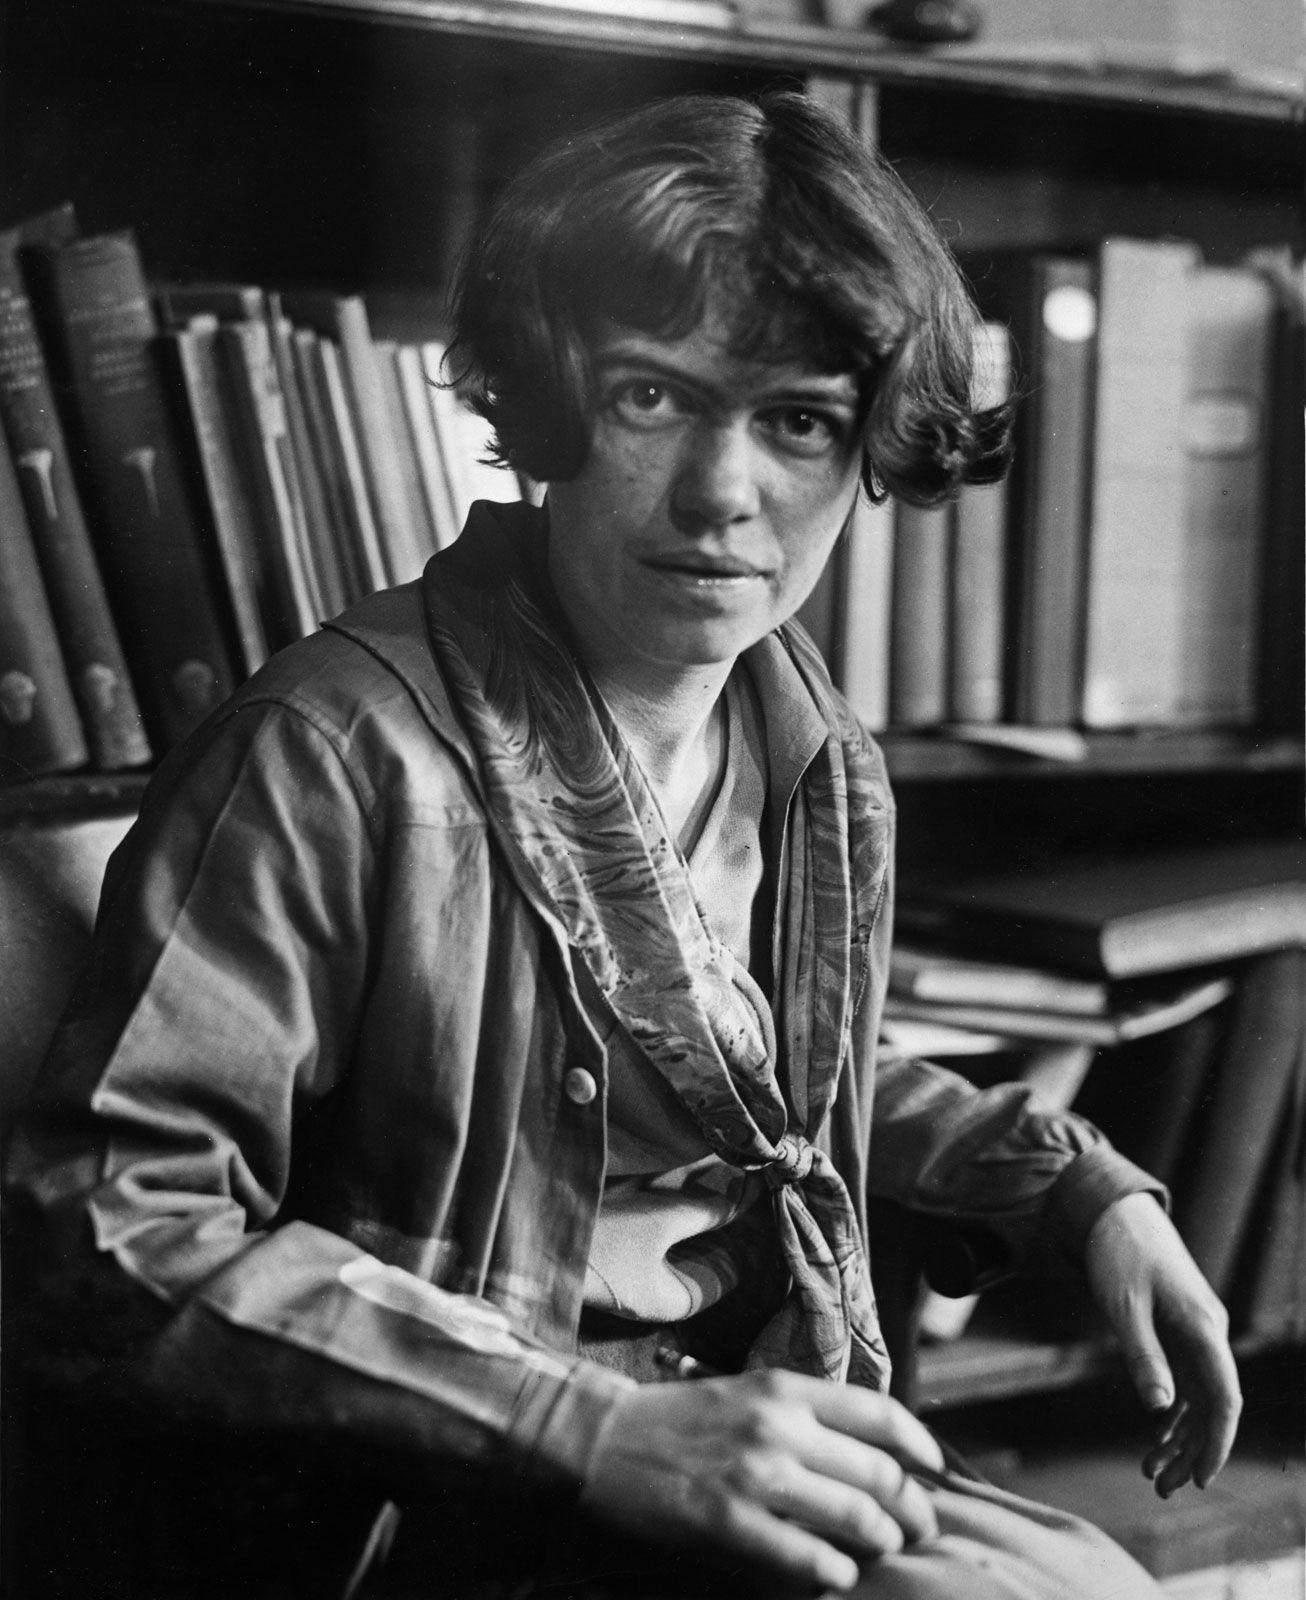 MARGARET MEAD Anthropologist (December 16, 1901 – November 15, 1978)